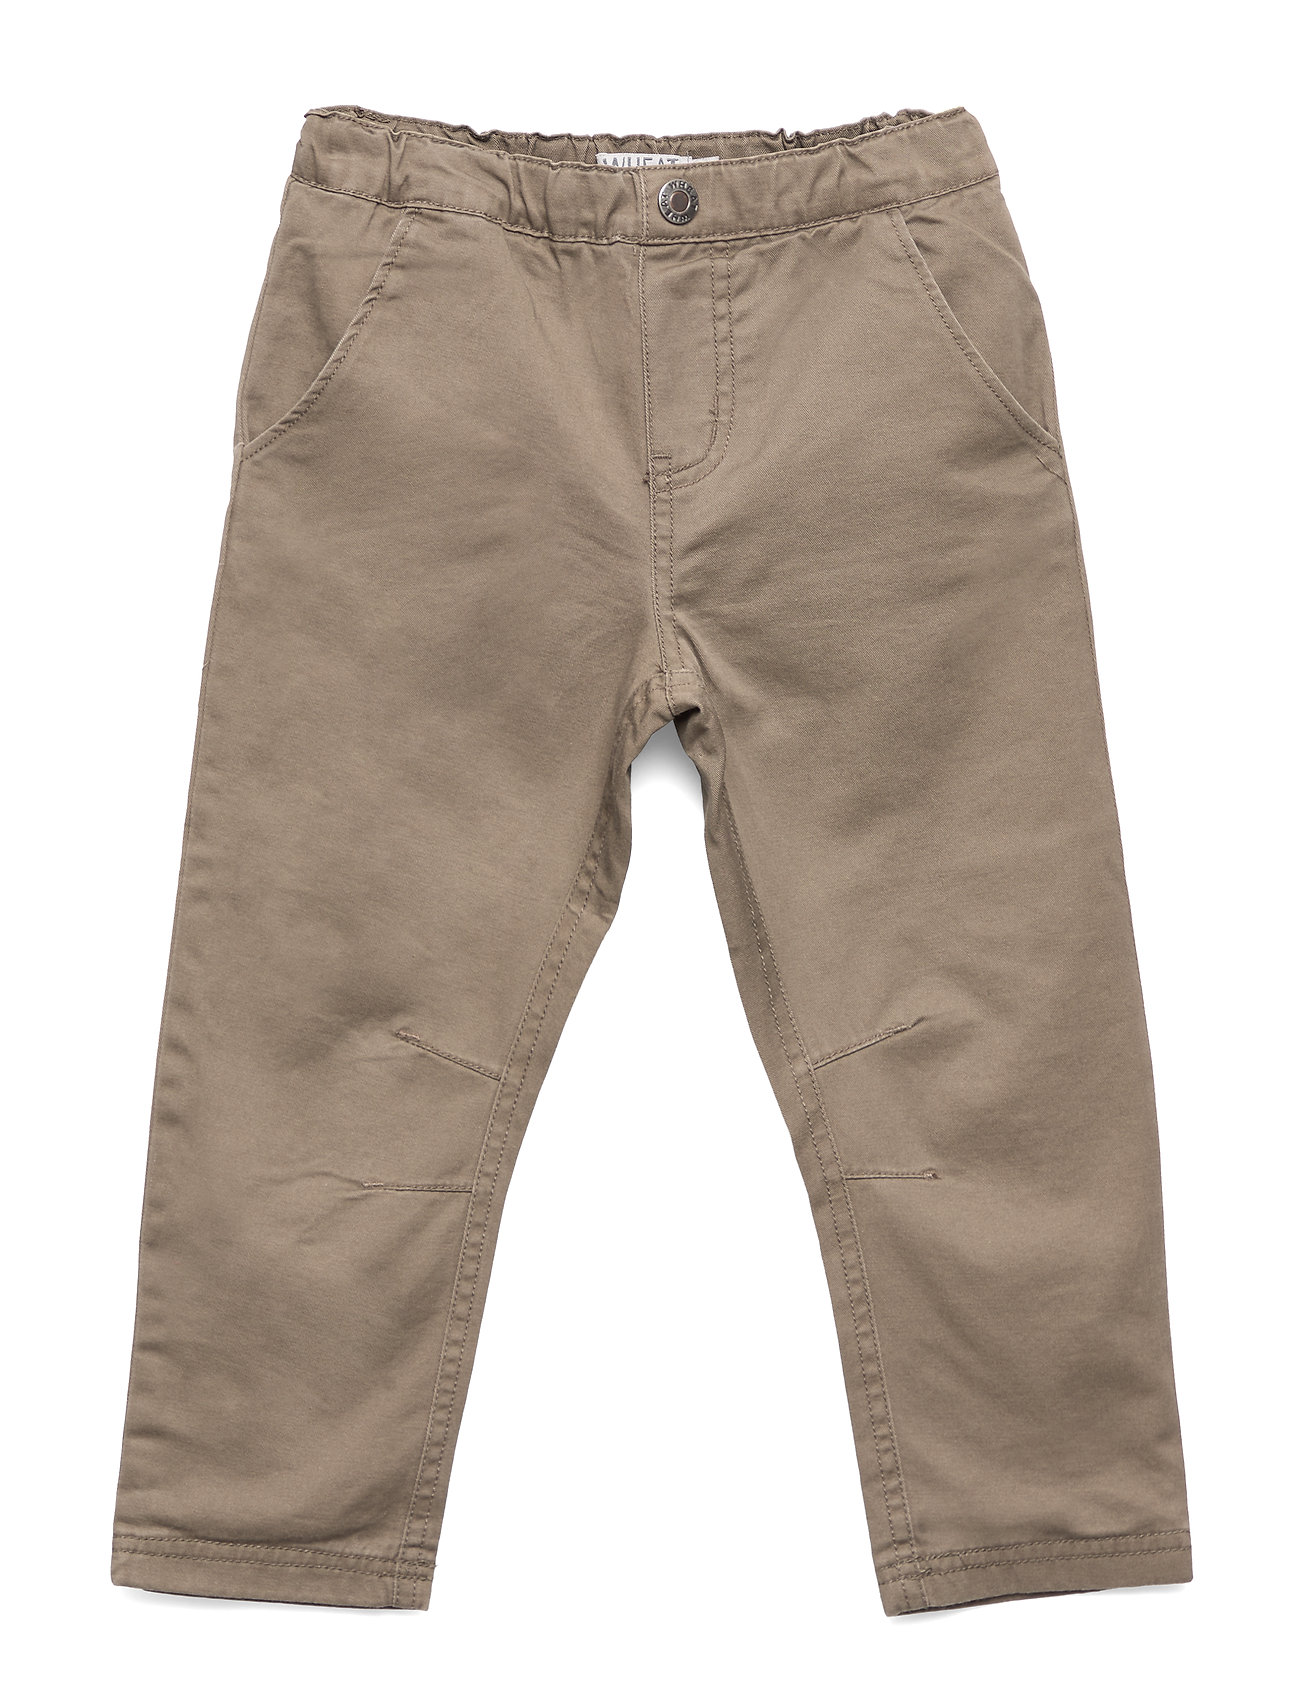 Wheat Trousers Noah Lined - DARK ROCK